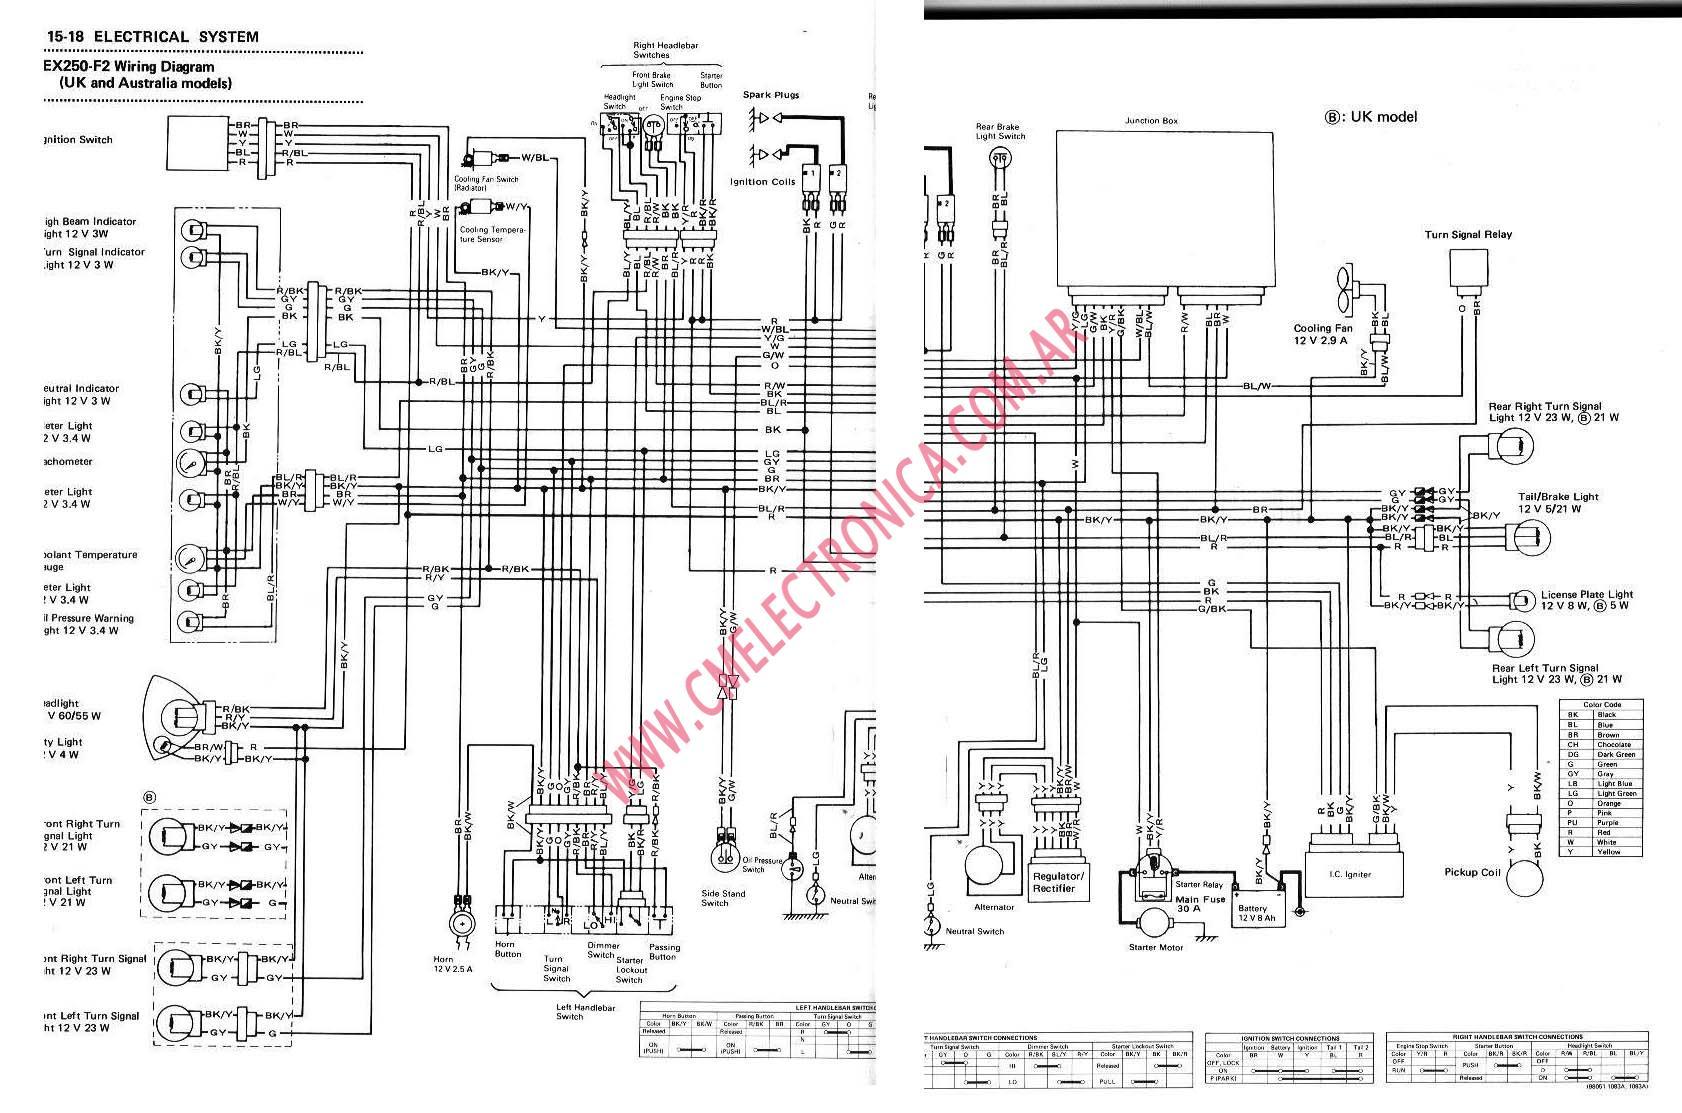 kawasaki gpx250?resize\\\\\\\\\\\\\\\=665%2C440 bajaj wind 125 wiring diagram wiring diagram simonand  at readyjetset.co